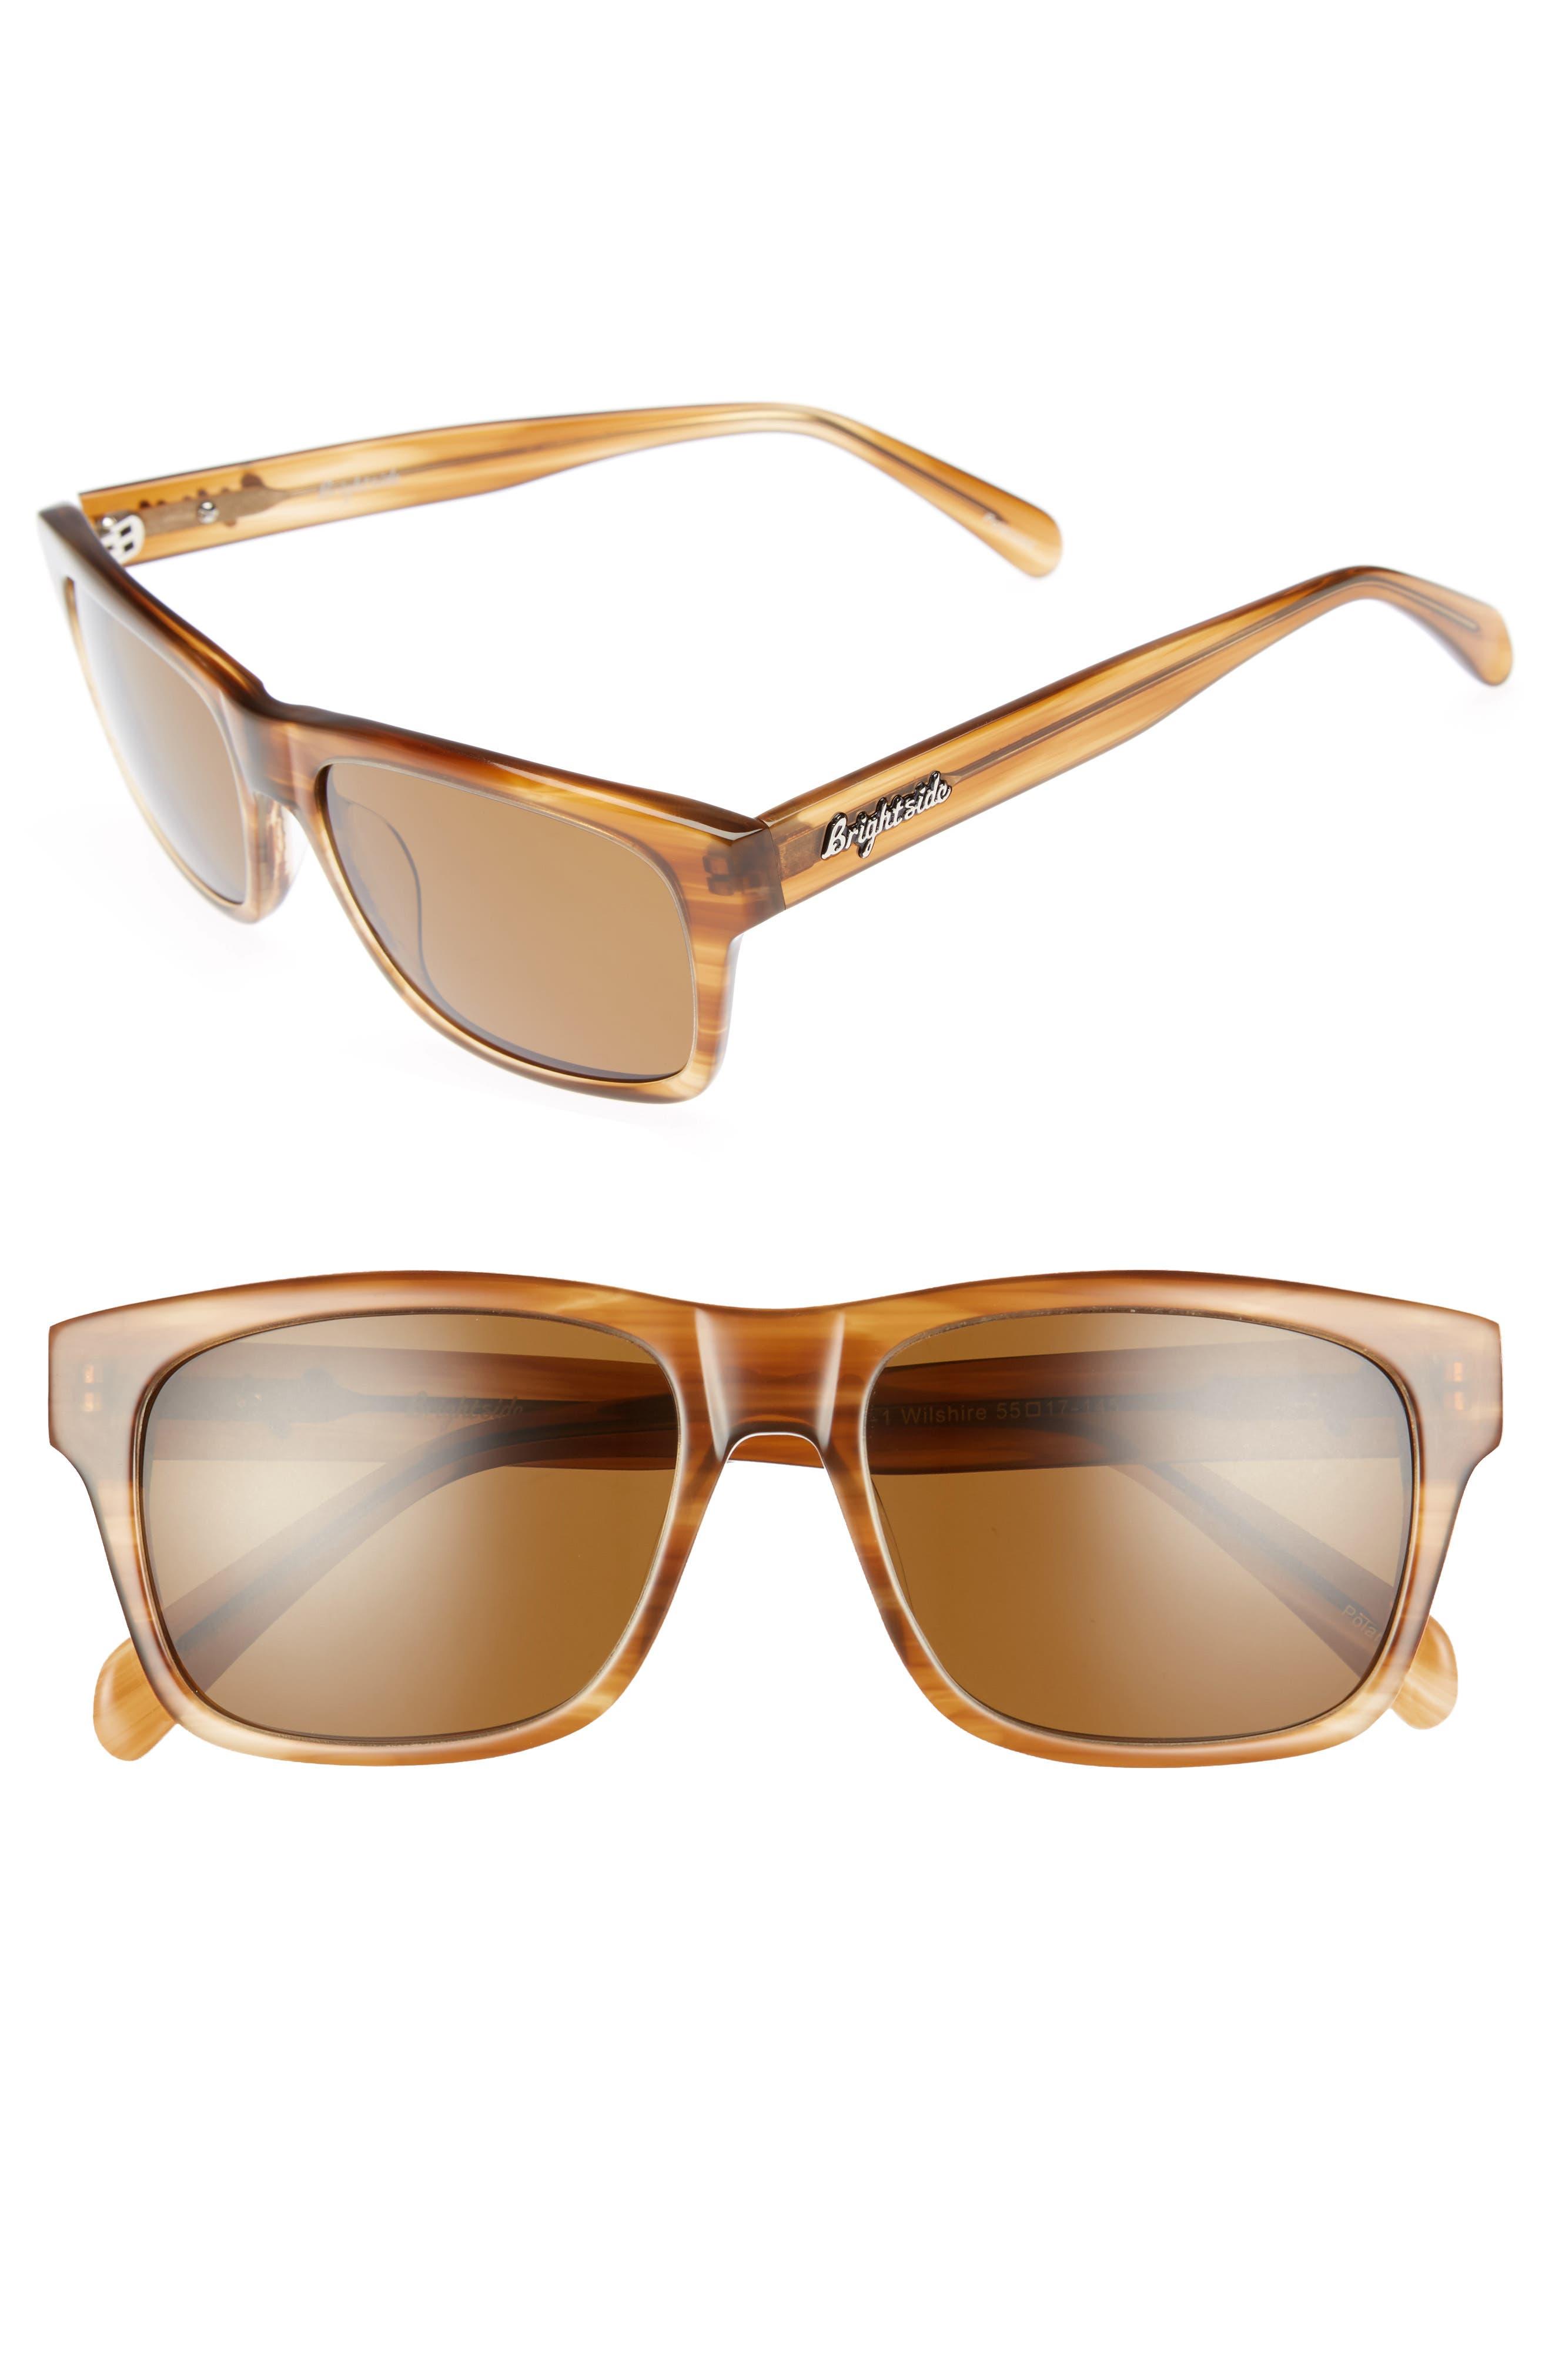 Wilshire 55mm Polarized Sunglasses,                         Main,                         color, CEDAR/ BROWN POLAR